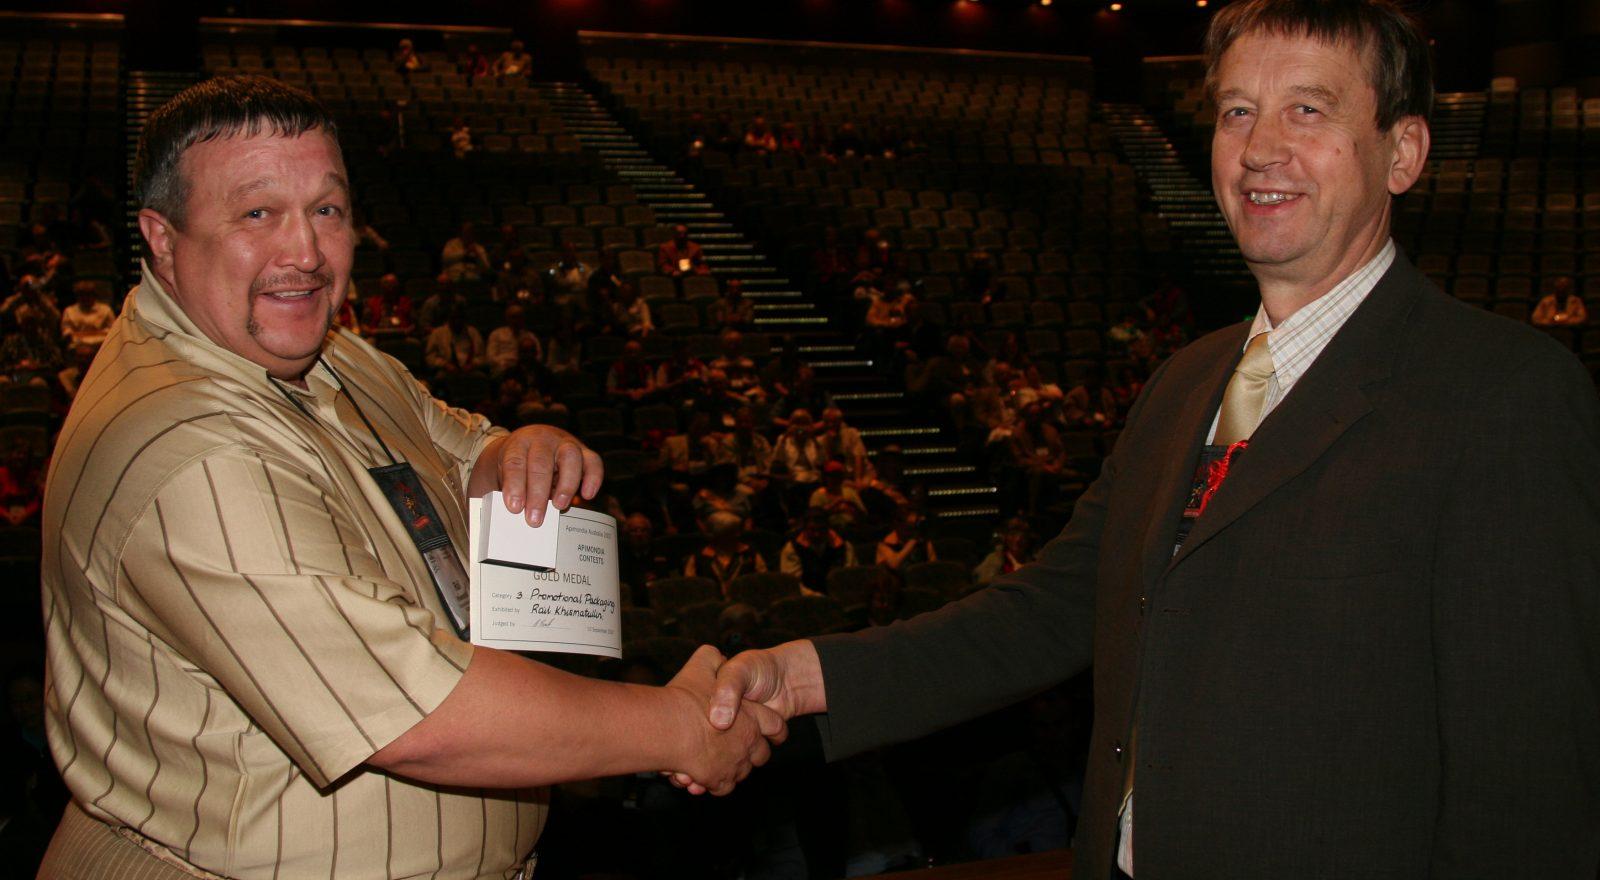 Церемония награждения 12.09.2007 14-40-51